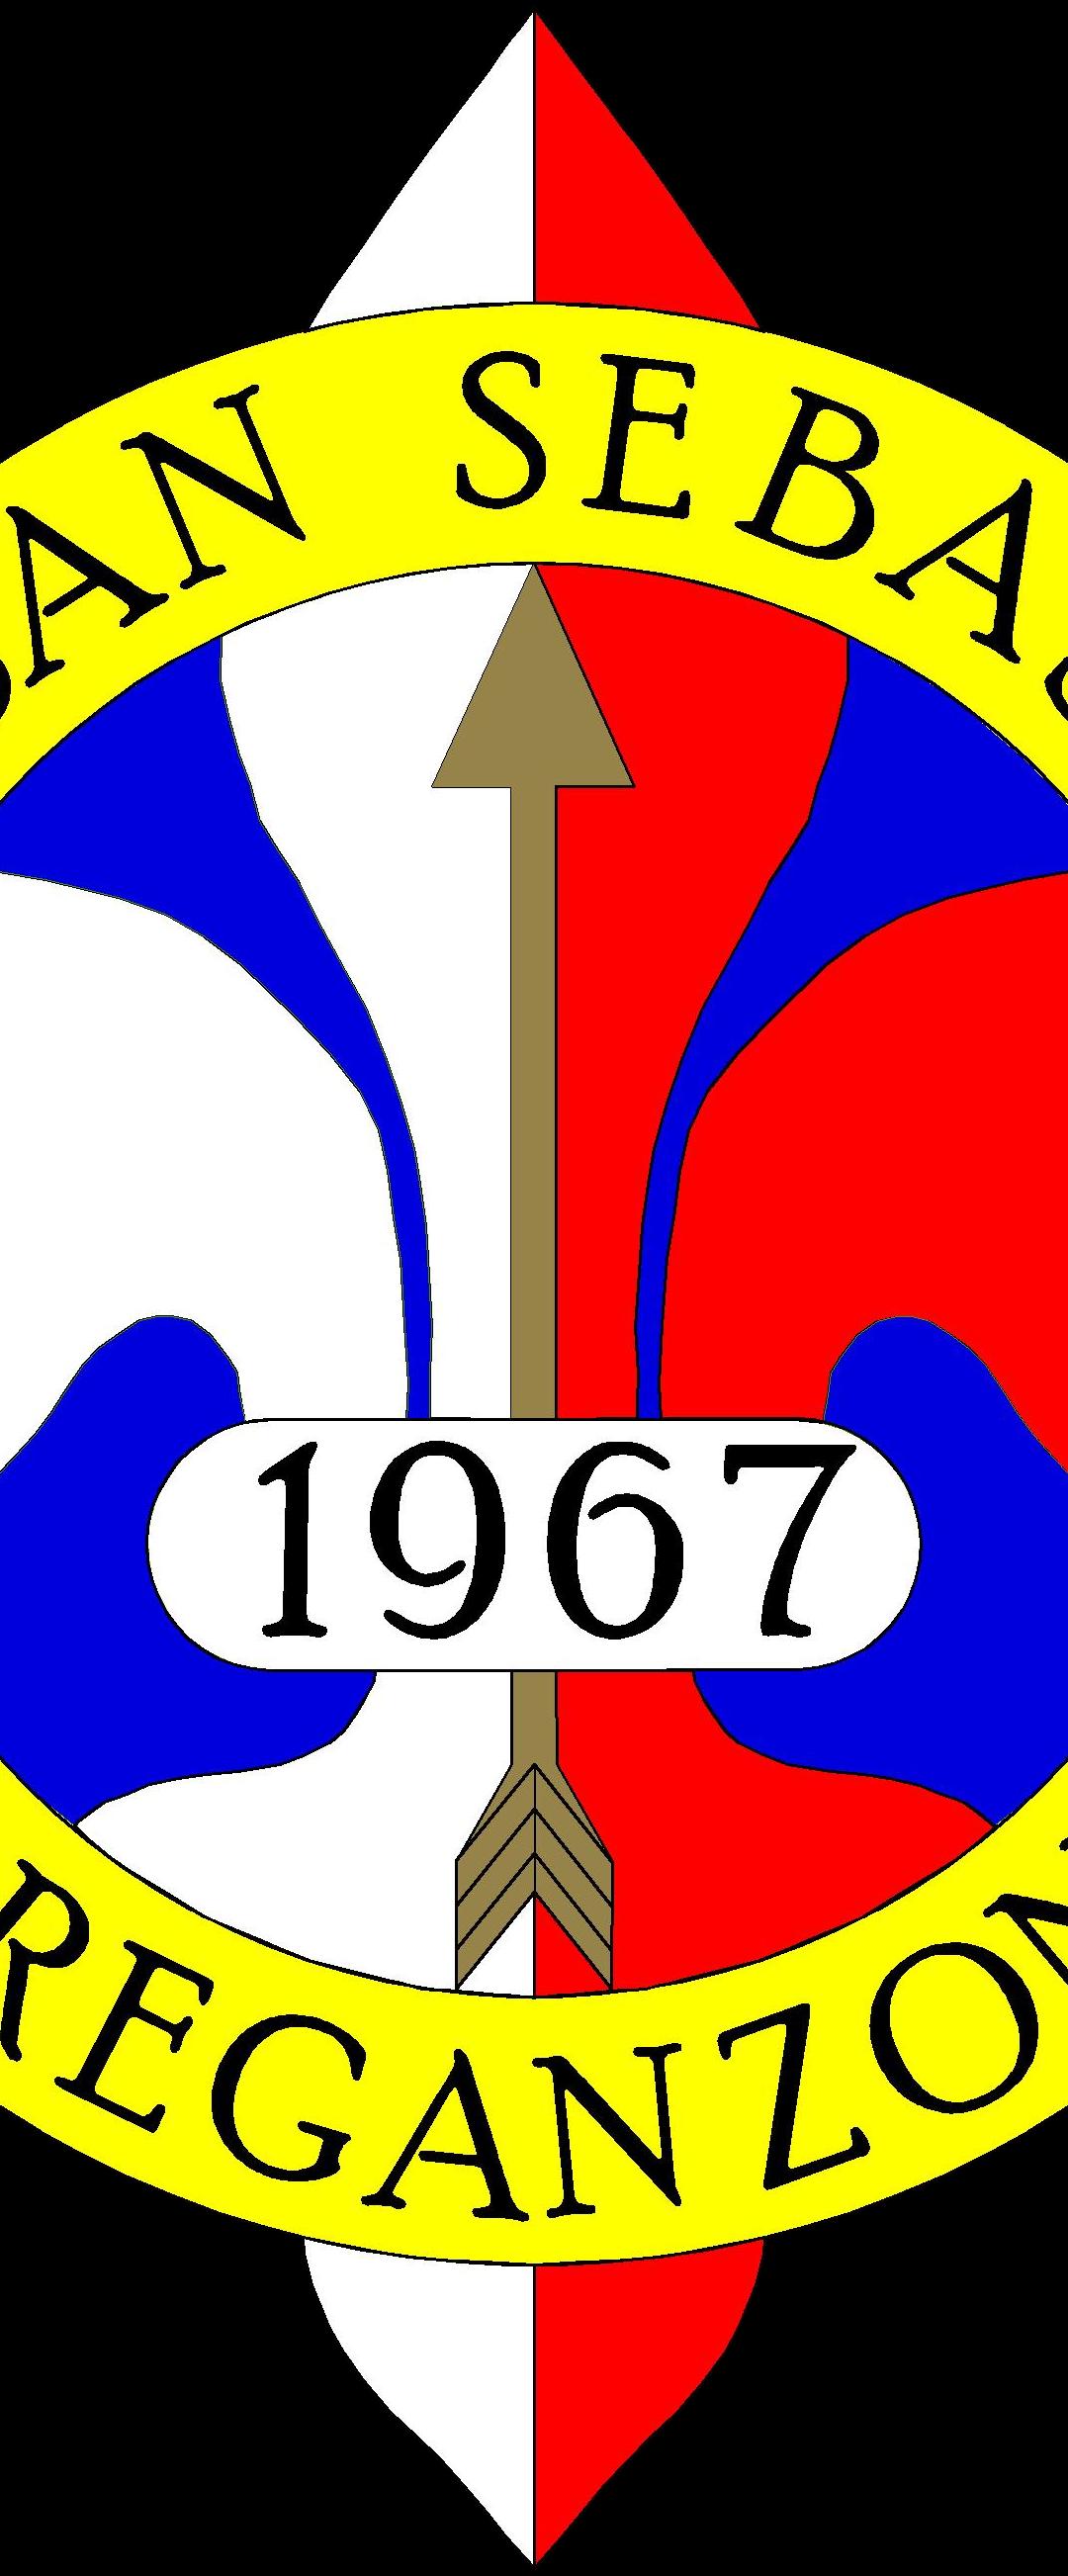 Sezione Scout San Sebastiano Breganzona